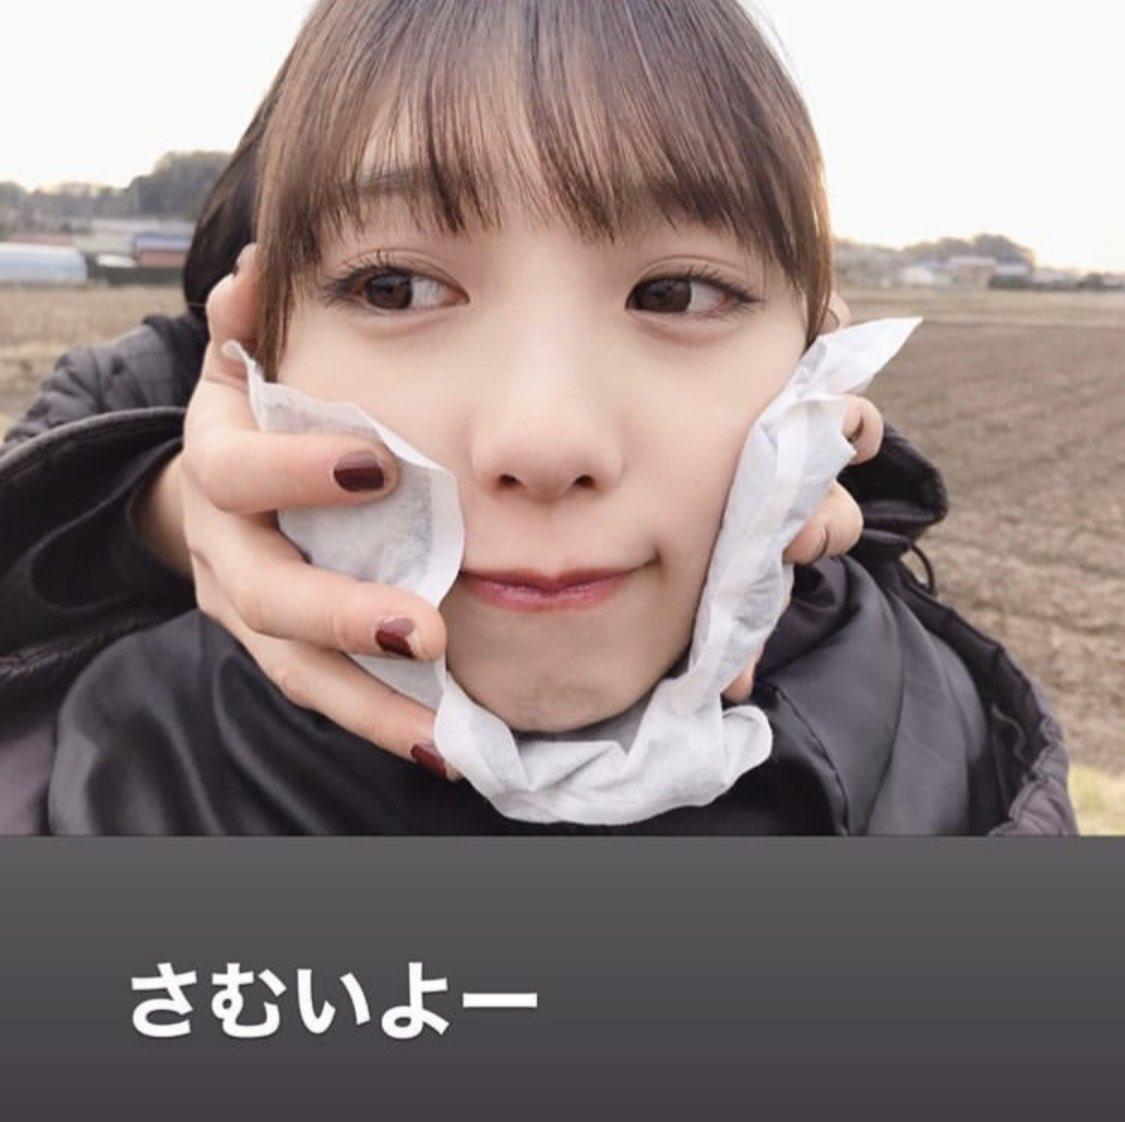 与田 祐希 スタイル